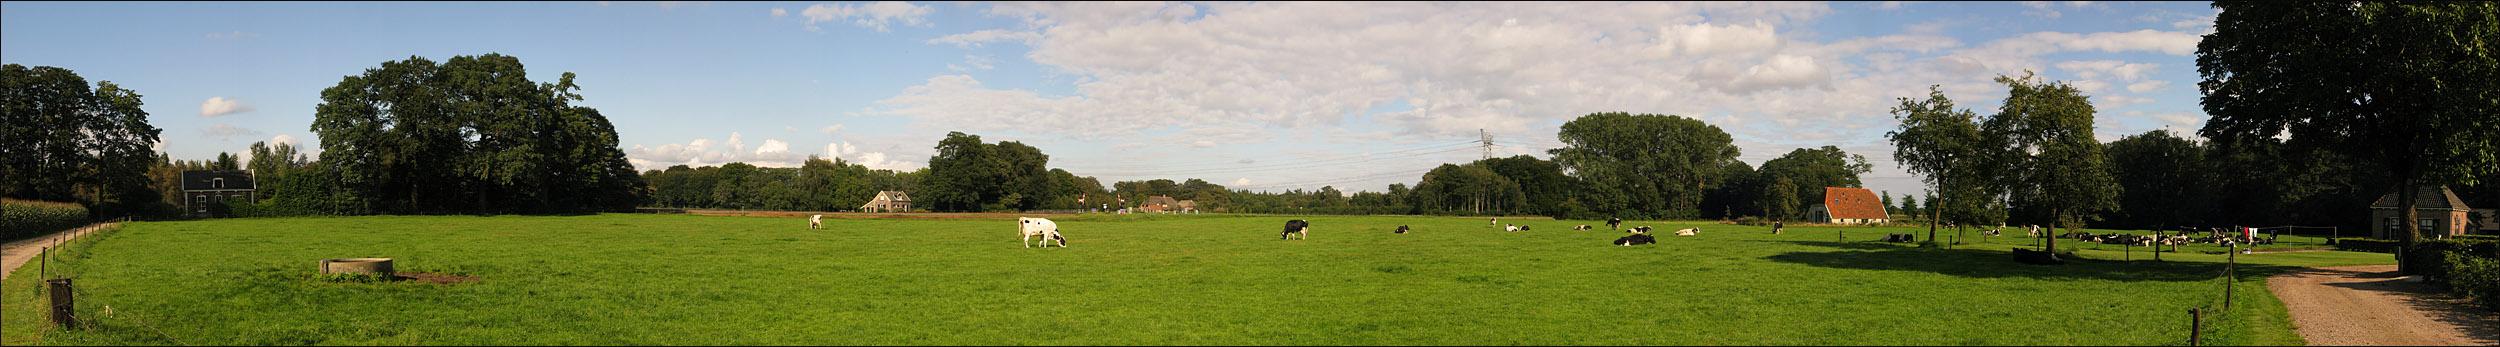 Panorama: Countryside